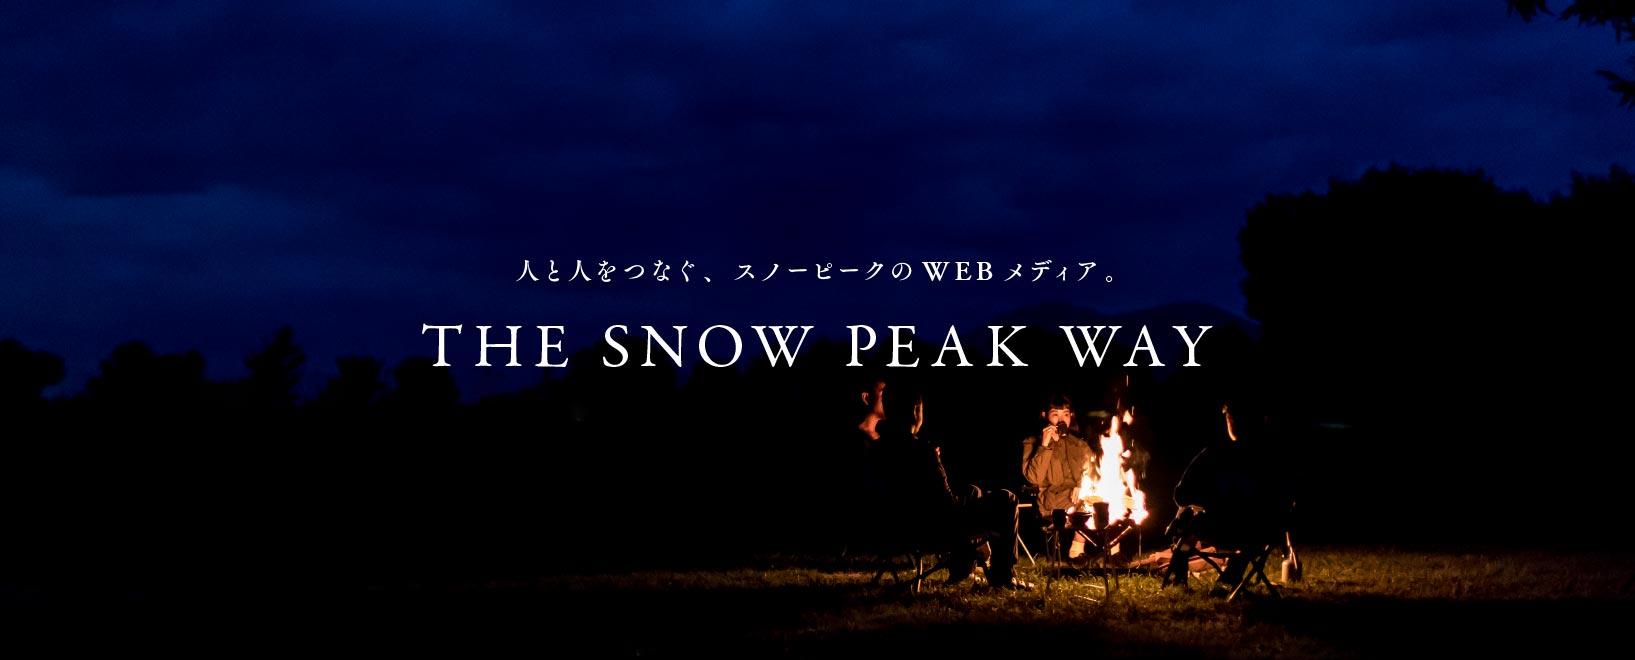 THE SNOW PEAK WAY